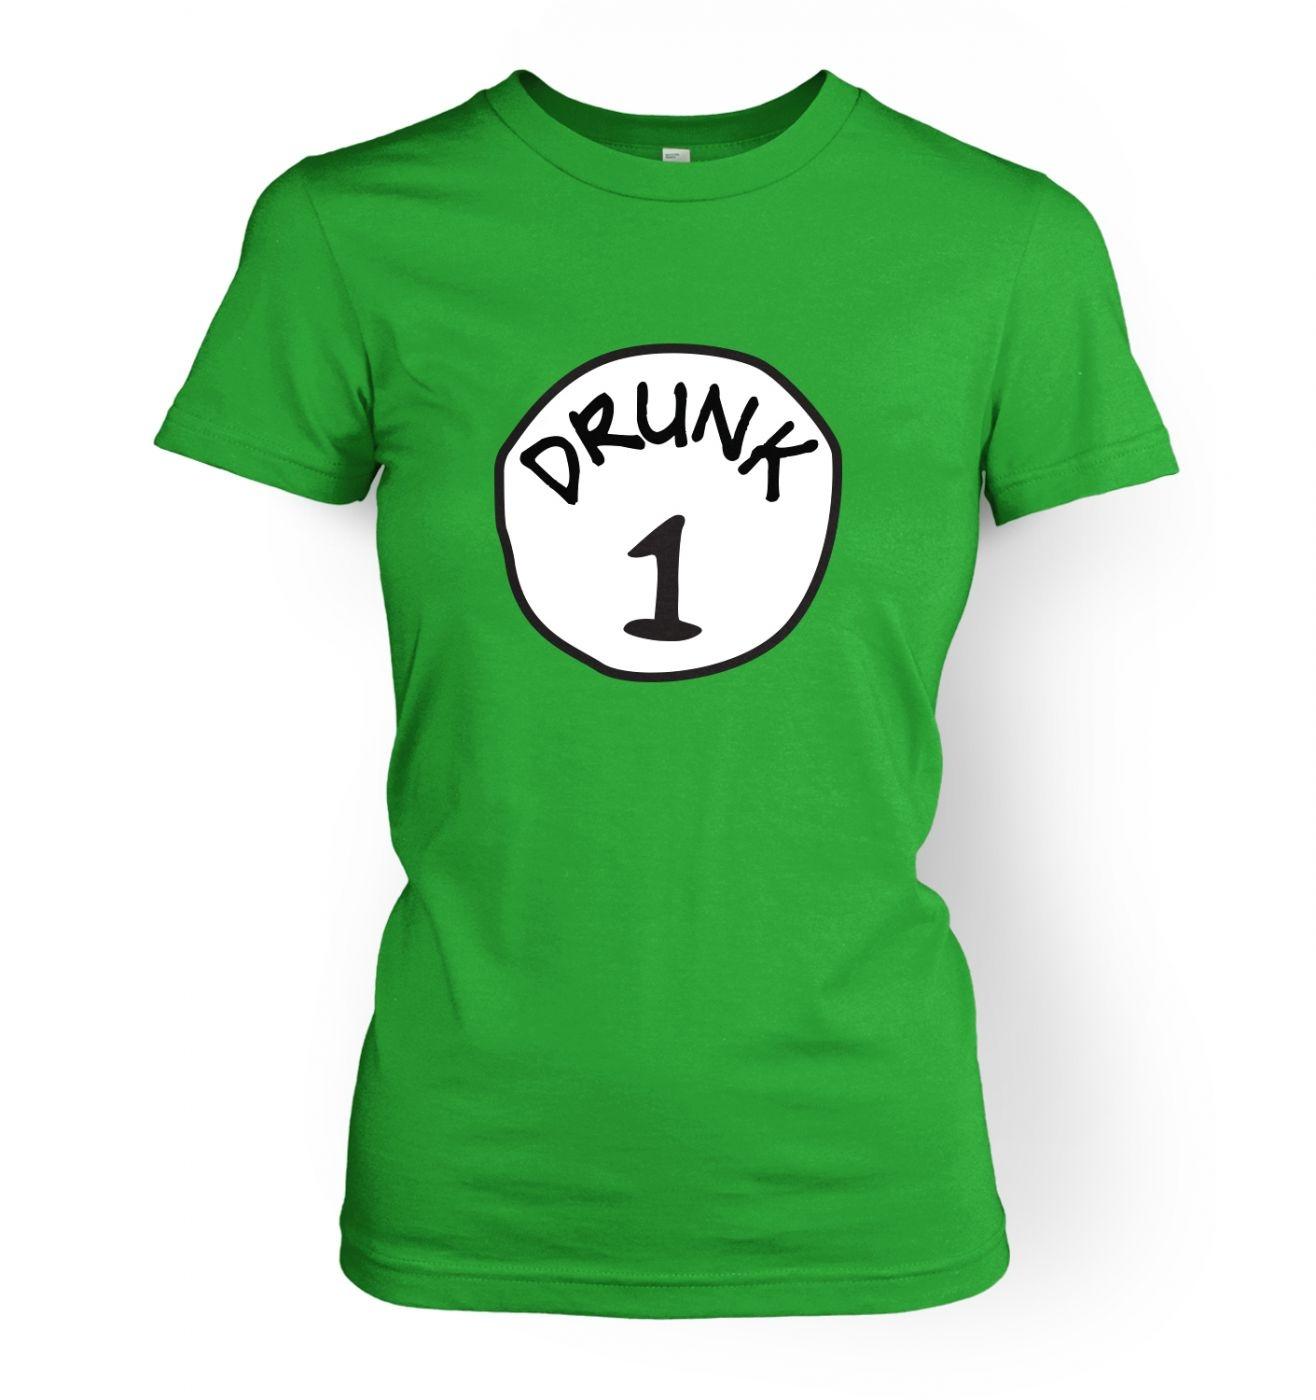 Drunk 1 women's t-shirt